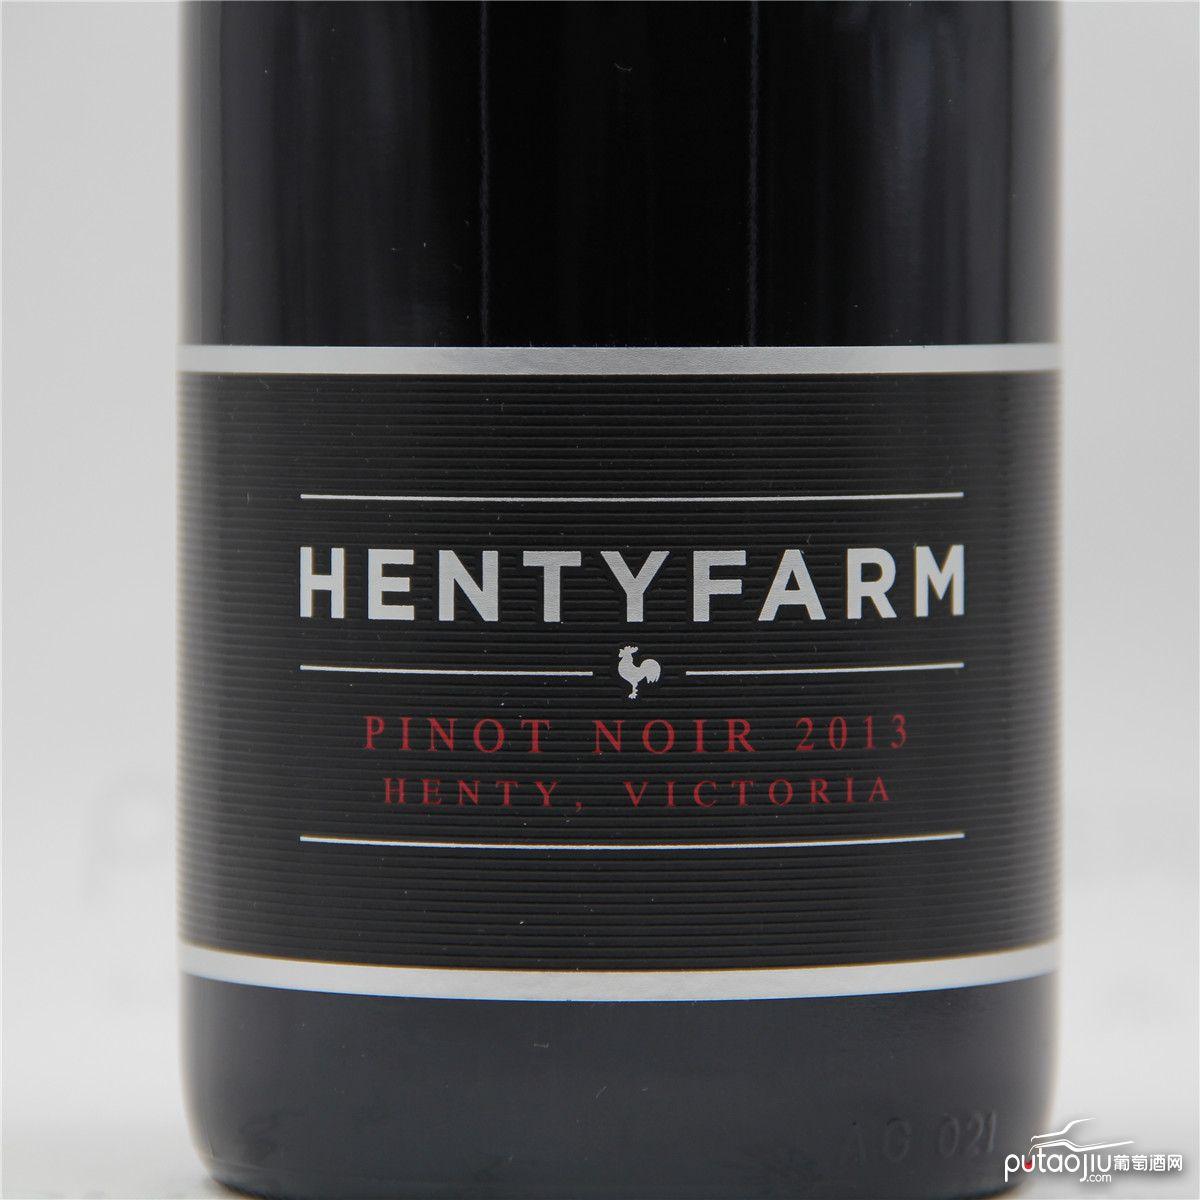 澳大利亚亨蒂产区亨蒂酒园黑皮诺五星酒庄干红葡萄酒